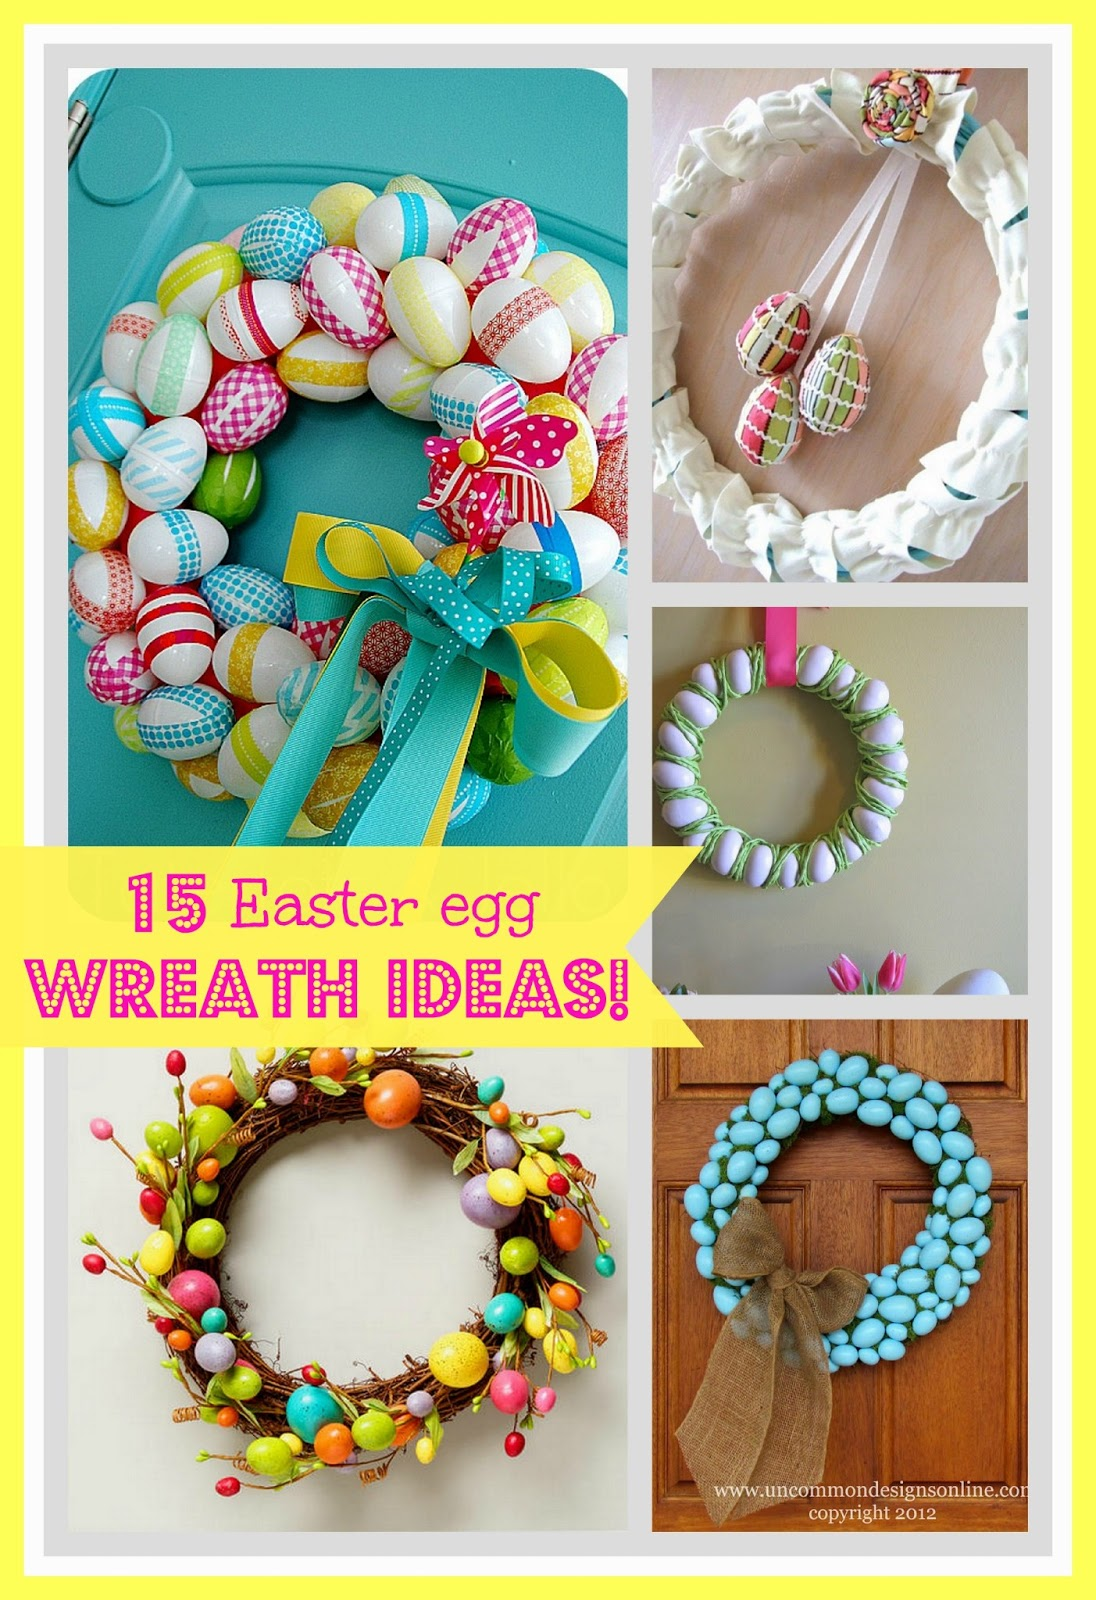 15 Easter Egg Wreath Ideas